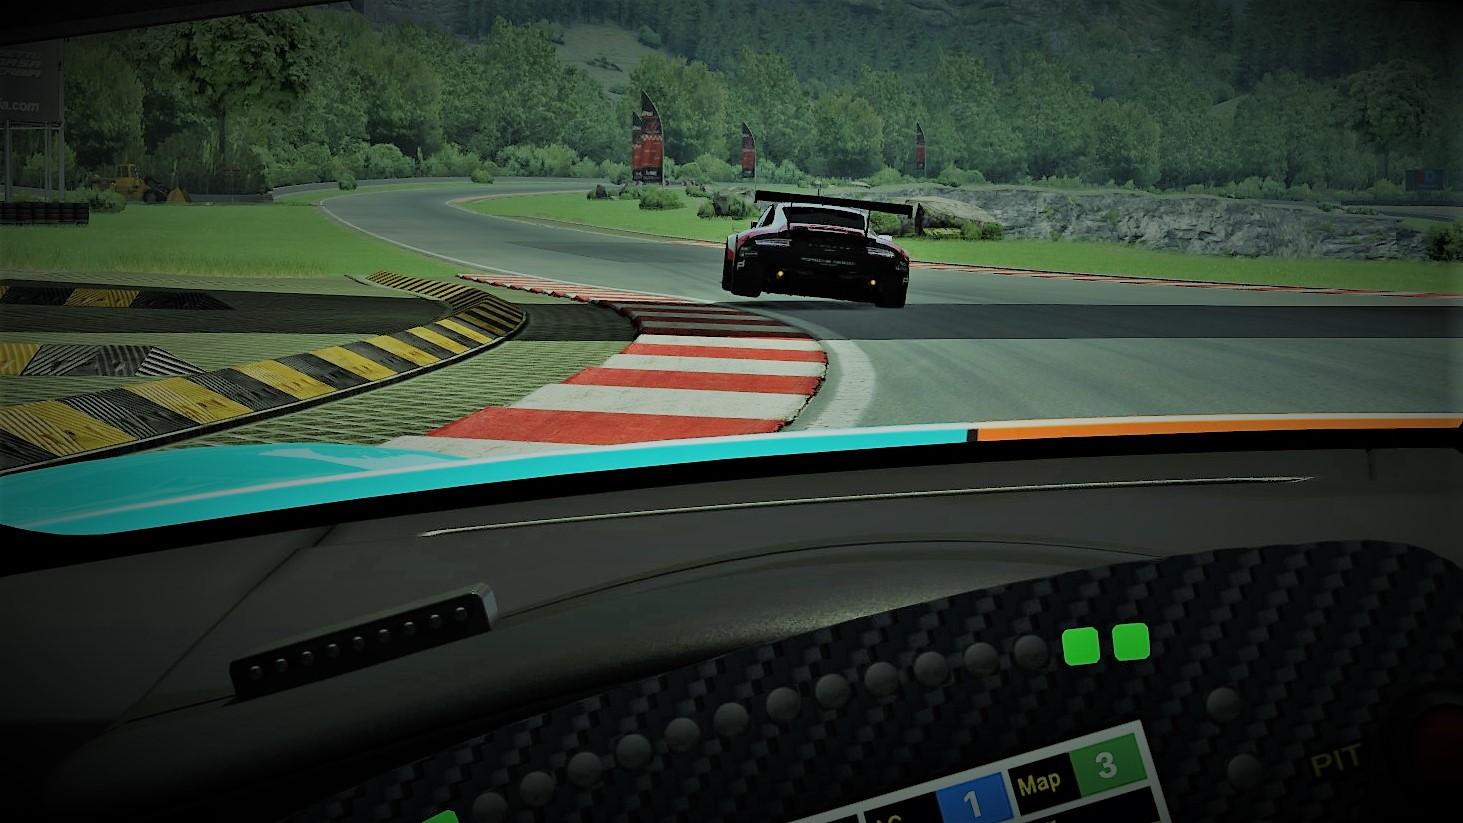 Screenshot_ks_porsche_911_rsr_2017_hope_racetrack_7-8-117-20-44-19.jpg